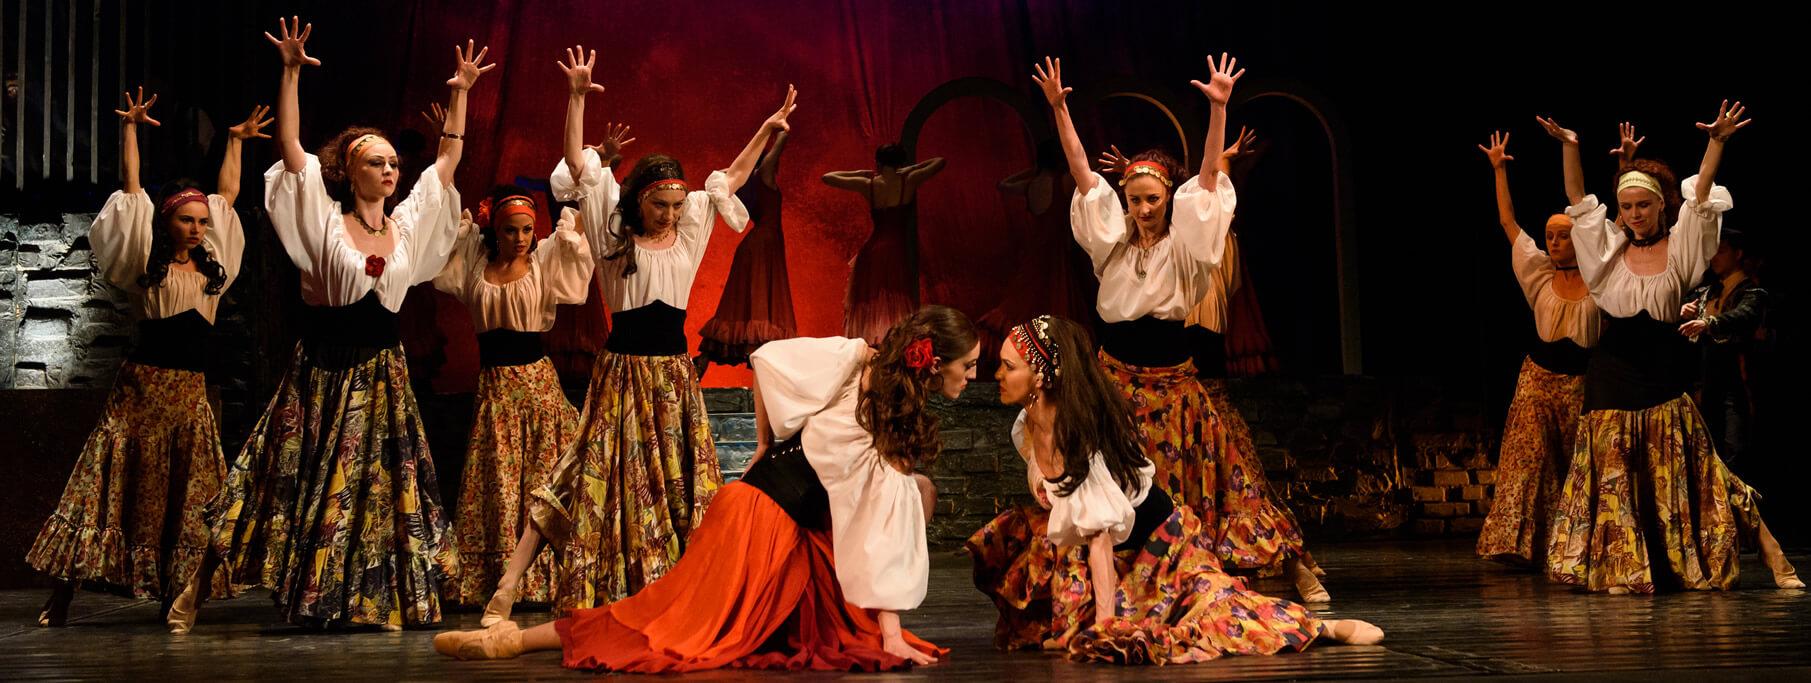 CARMEN, Un spectacol plin de trăire, pe pași romantici de balet